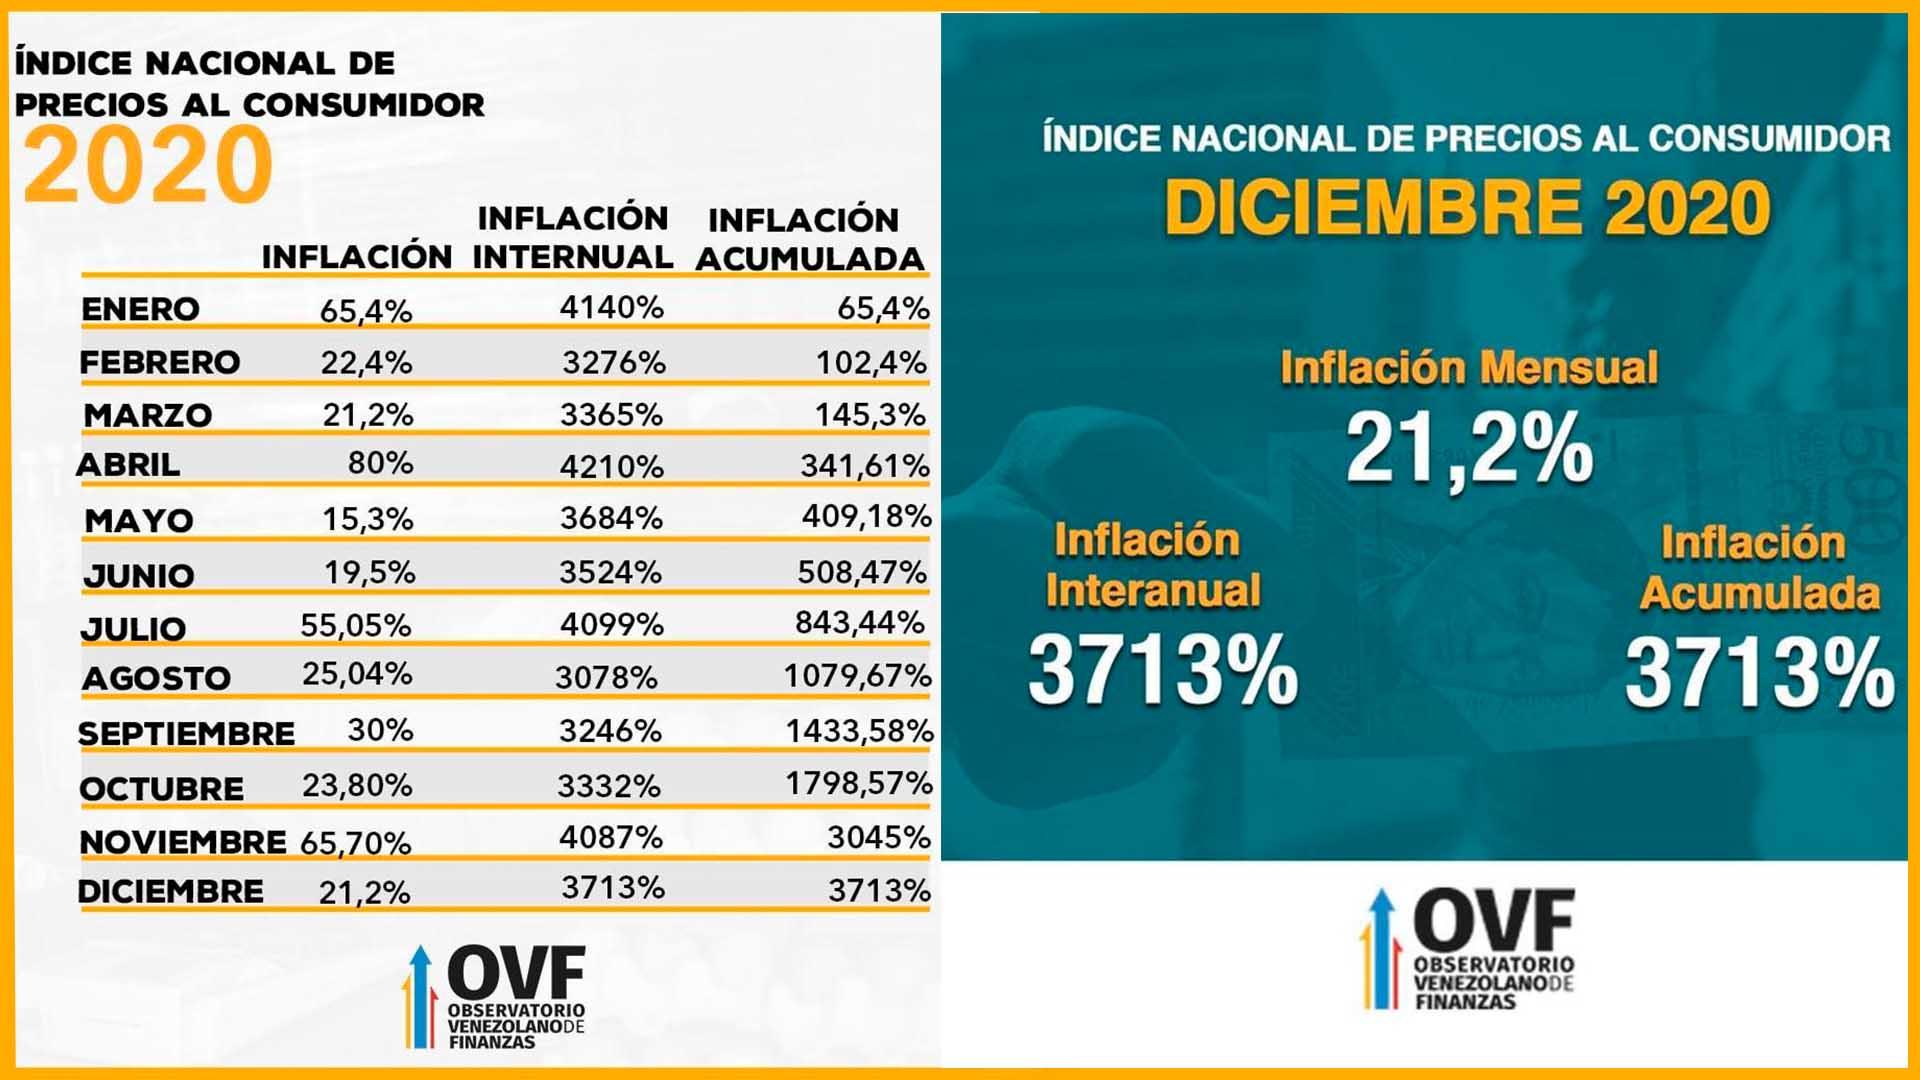 Observatorio Venezolano de Finanzas, informes economía venezolana. Balance 2020 y perspectivas 2021, por Víctor Álvarez